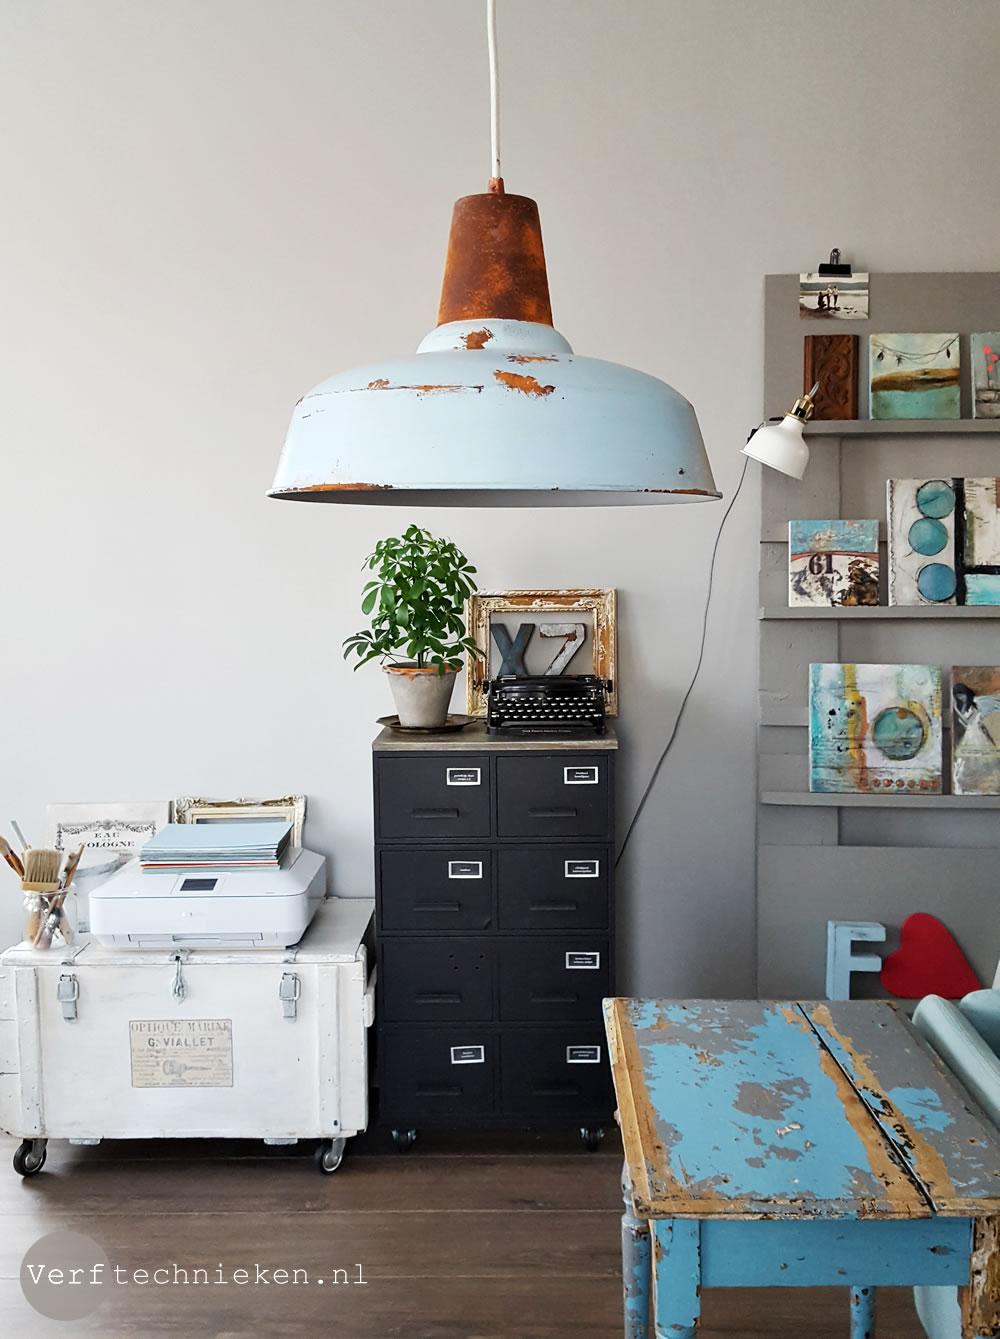 DIY Stoere Lamp met roest effect | verftechnieken.nl